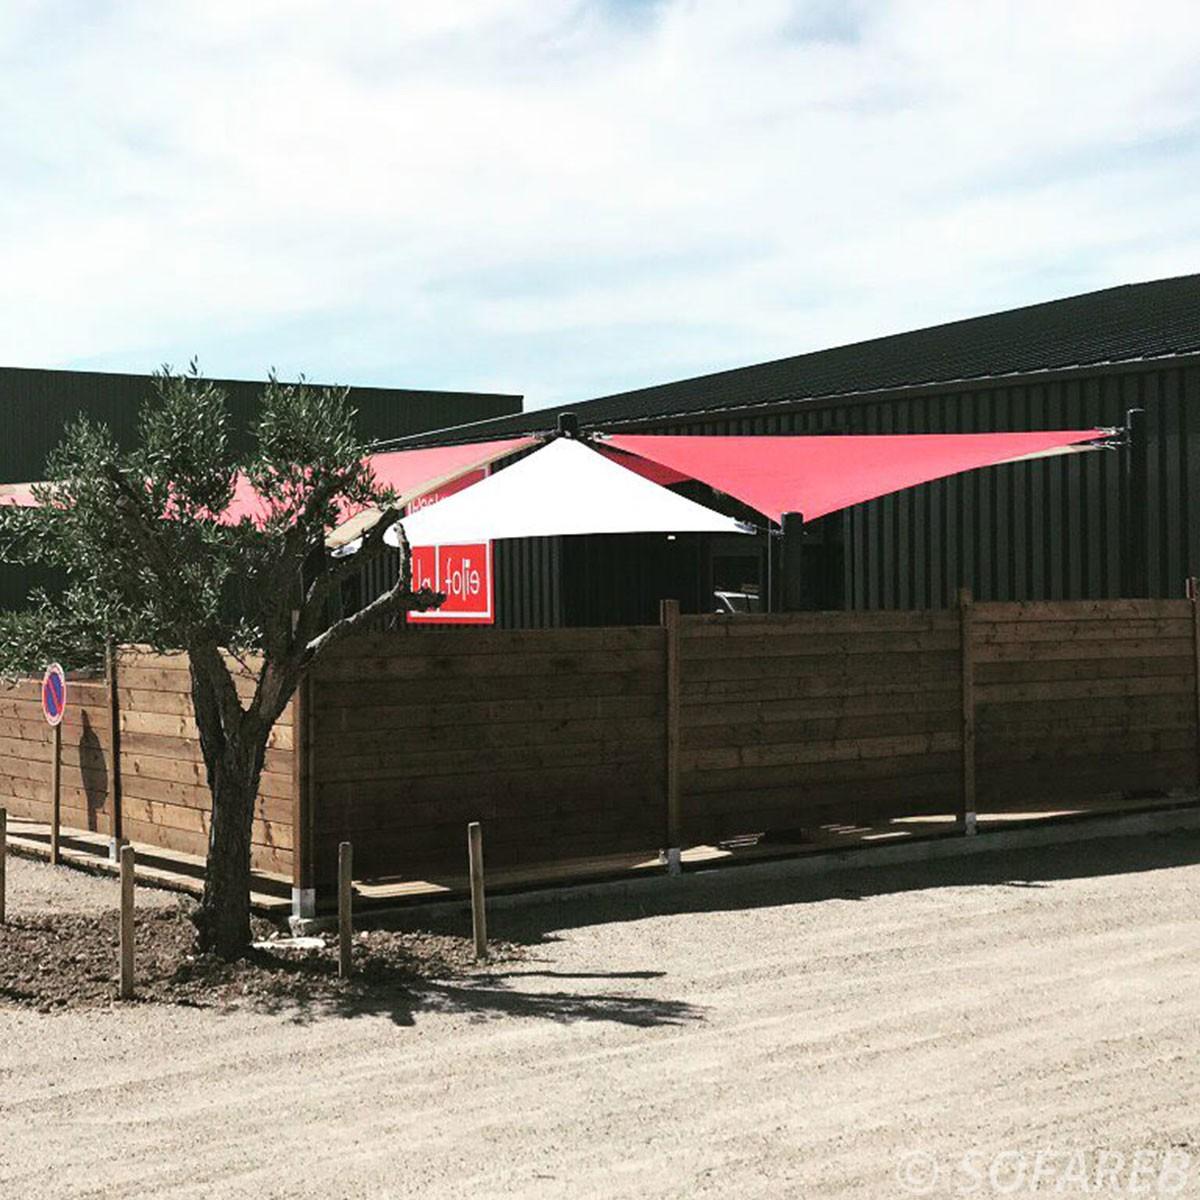 Voiles dombrage triangulaires ani-uv rouges et blanches installées au-dessus dune terrasse de restaurant